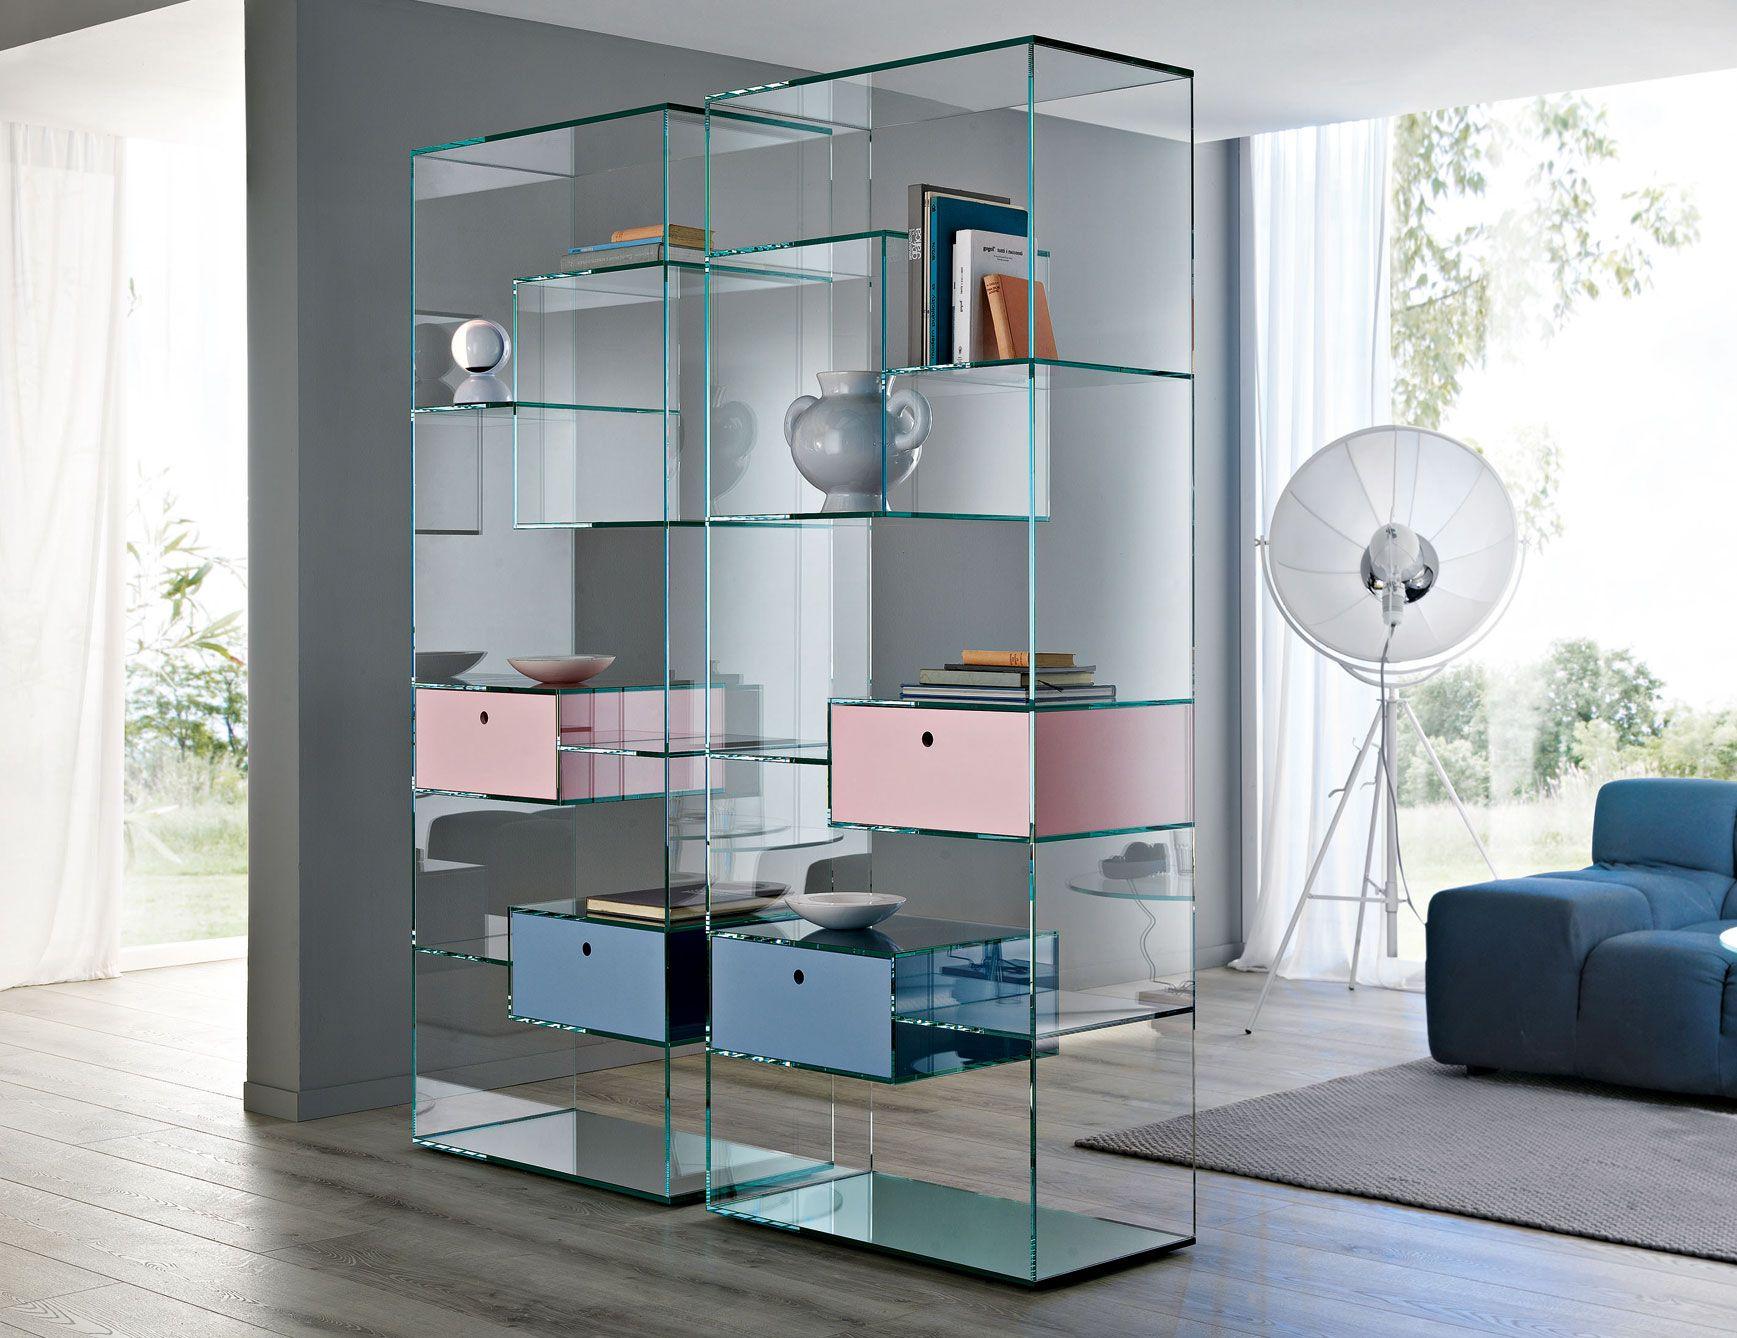 Furniture Cabinets Bookcases Liber A Bucherregal Aus Glas Regal Design Regal